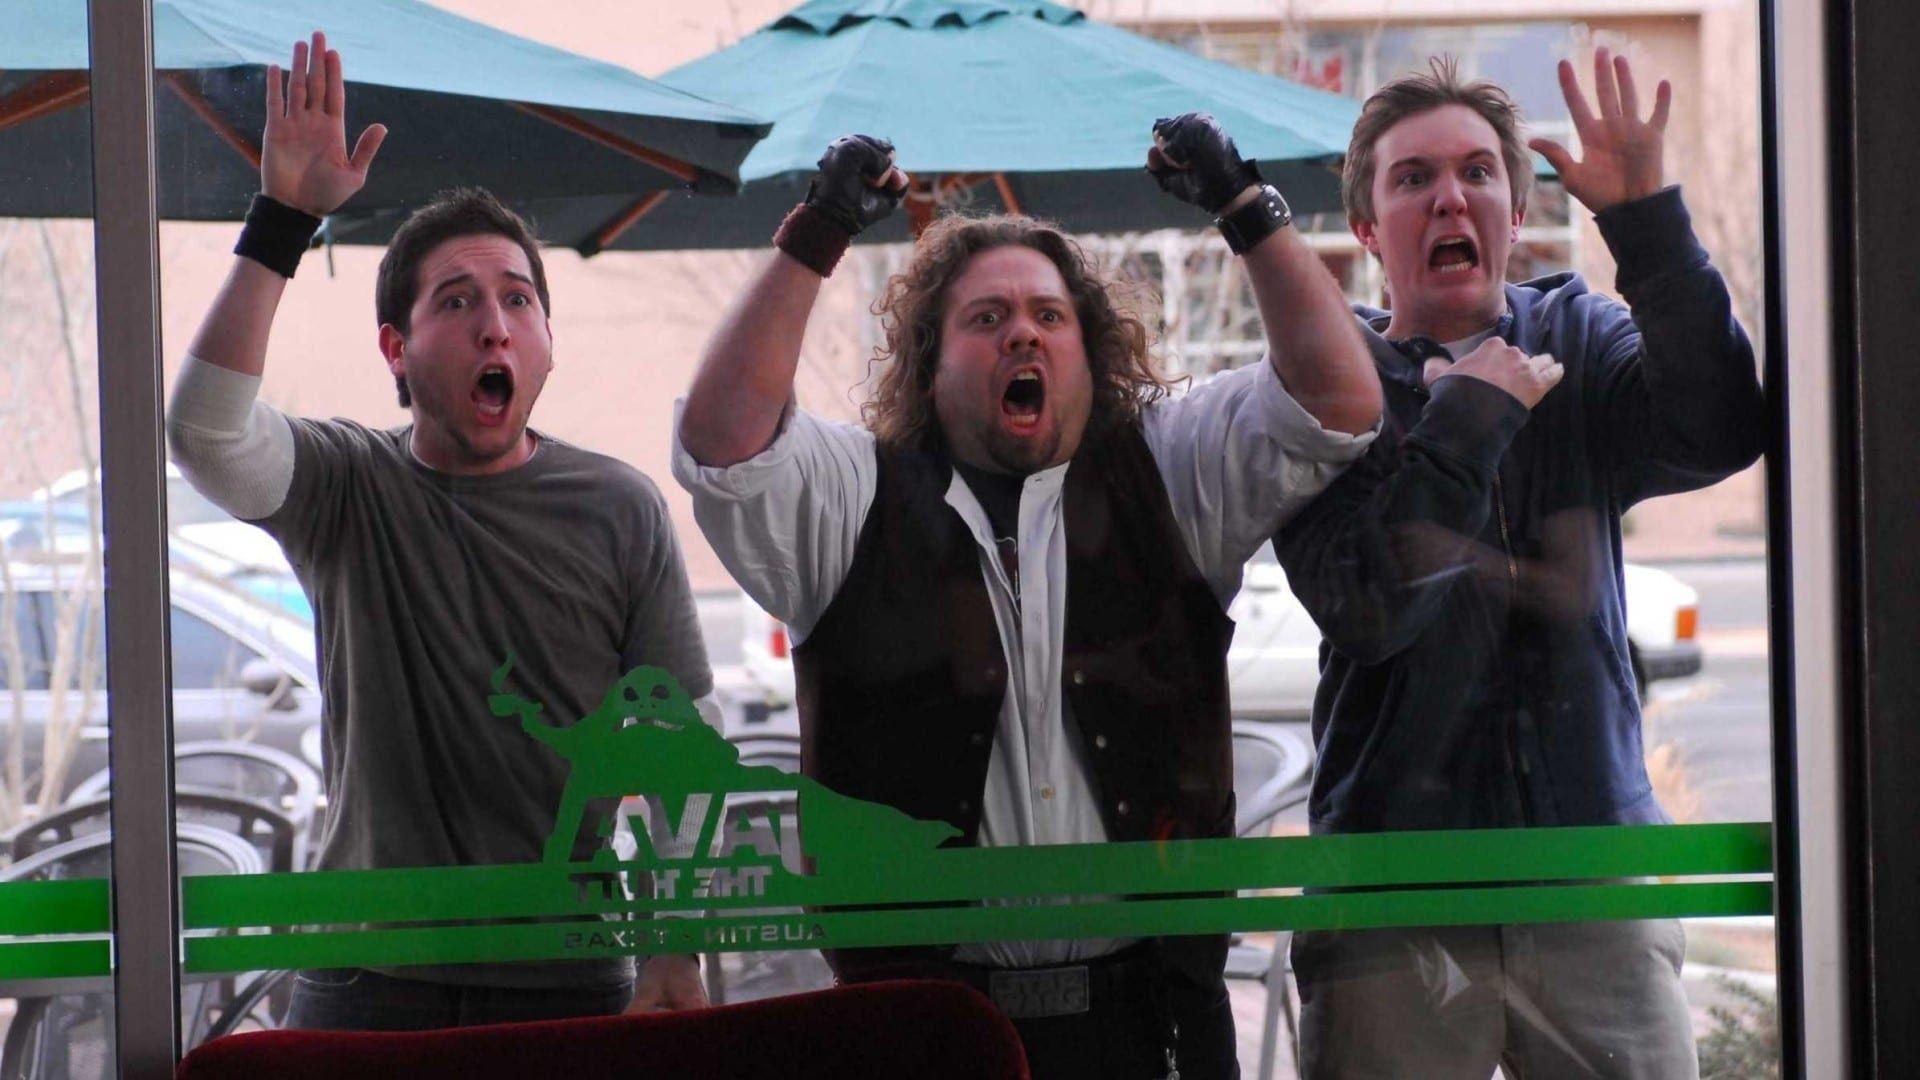 Fanboys 2009 Ganzer Film Deutsch Komplett Kino Fanboys 2009complete Film Deutsch Fanboys Online Kostenlo Fire Movie Free Movies Online Full Movies Online Free